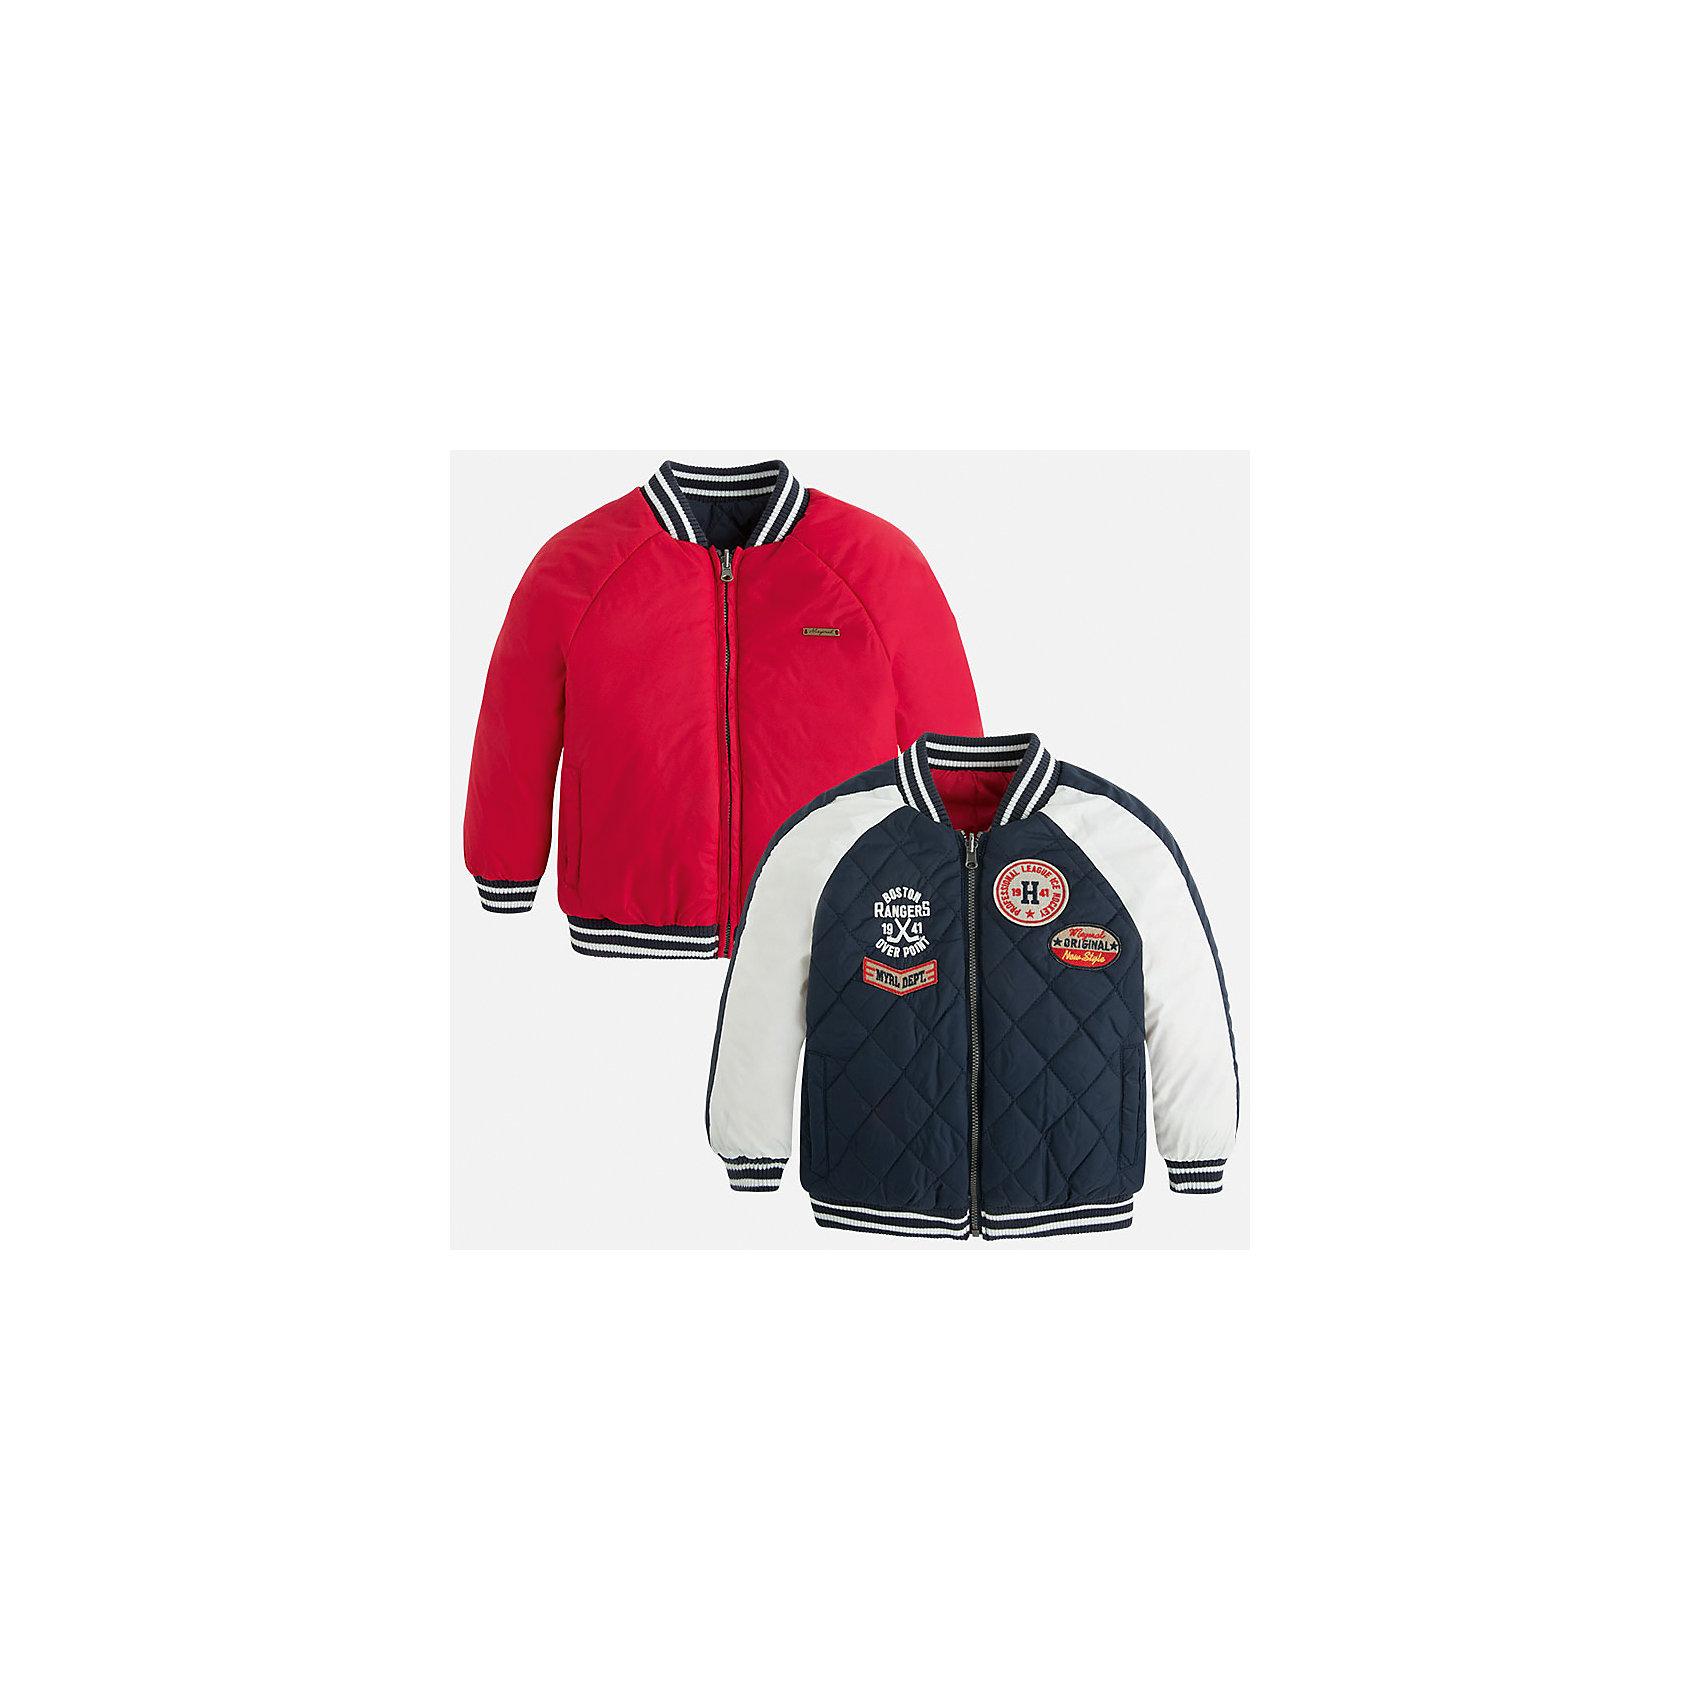 Куртка двусторонняя для мальчика MayoralКуртка двусторонняя для мальчика Mayoral (Майорал)<br>Двусторонняя куртка с капюшоном от известной испанской марки Mayoral (Майорал) станет прекрасным дополнением гардероба вашего мальчика и согреет его в прохладную погоду. Куртка с длинным рукавом застегивается на молнию, на каждой стороне расположено по два кармана. Отделка горловины, манжет и низа куртки выполнена резинкой.<br><br>Дополнительная информация:<br><br>- Цвет: красный, синий, белый<br>- Верх: 100% полиамид<br>- Подкладка: 100% полиамид<br>- Утеплитель: 100% полиэстер<br>- Уход: бережная стирка при 30 градусах<br><br>Куртку двустороннюю для мальчика Mayoral (Майорал) можно купить в нашем интернет-магазине.<br><br>Ширина мм: 356<br>Глубина мм: 10<br>Высота мм: 245<br>Вес г: 519<br>Цвет: синий<br>Возраст от месяцев: 24<br>Возраст до месяцев: 36<br>Пол: Мужской<br>Возраст: Детский<br>Размер: 92,98,104,128,134,122,116,110<br>SKU: 4821636